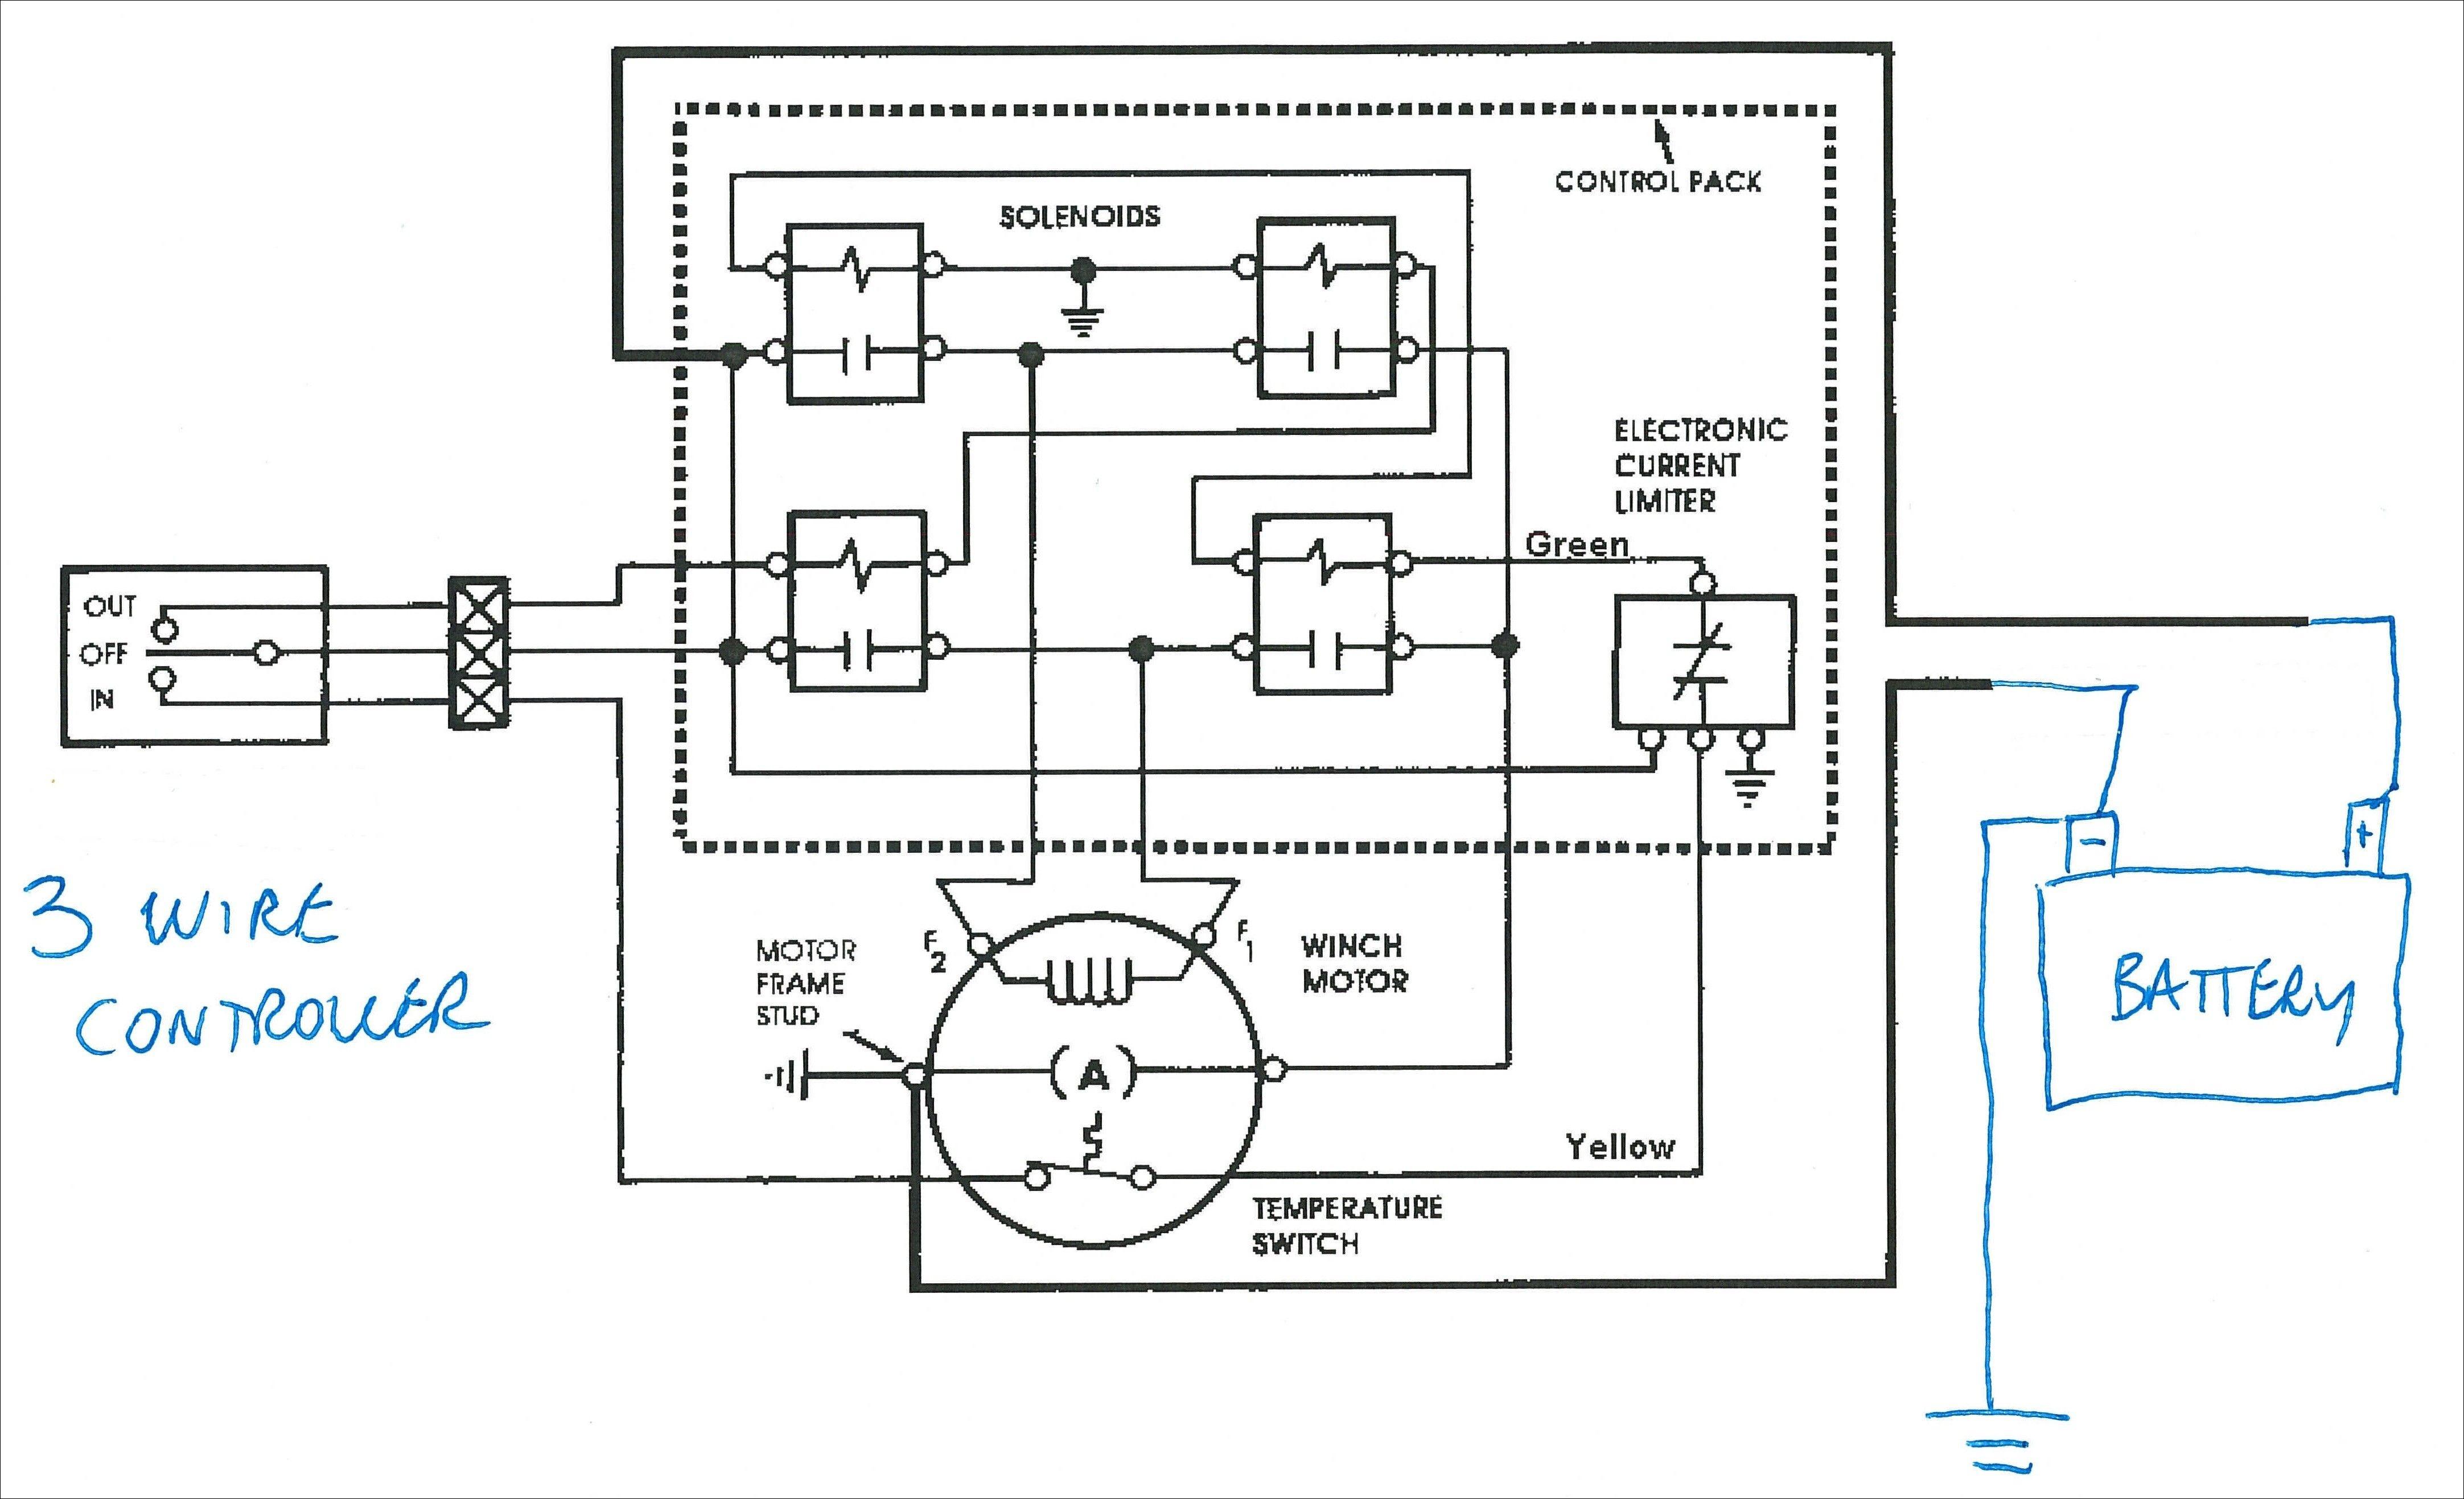 warn winch wiring diagram 4 solenoid unique best warn winch wiring